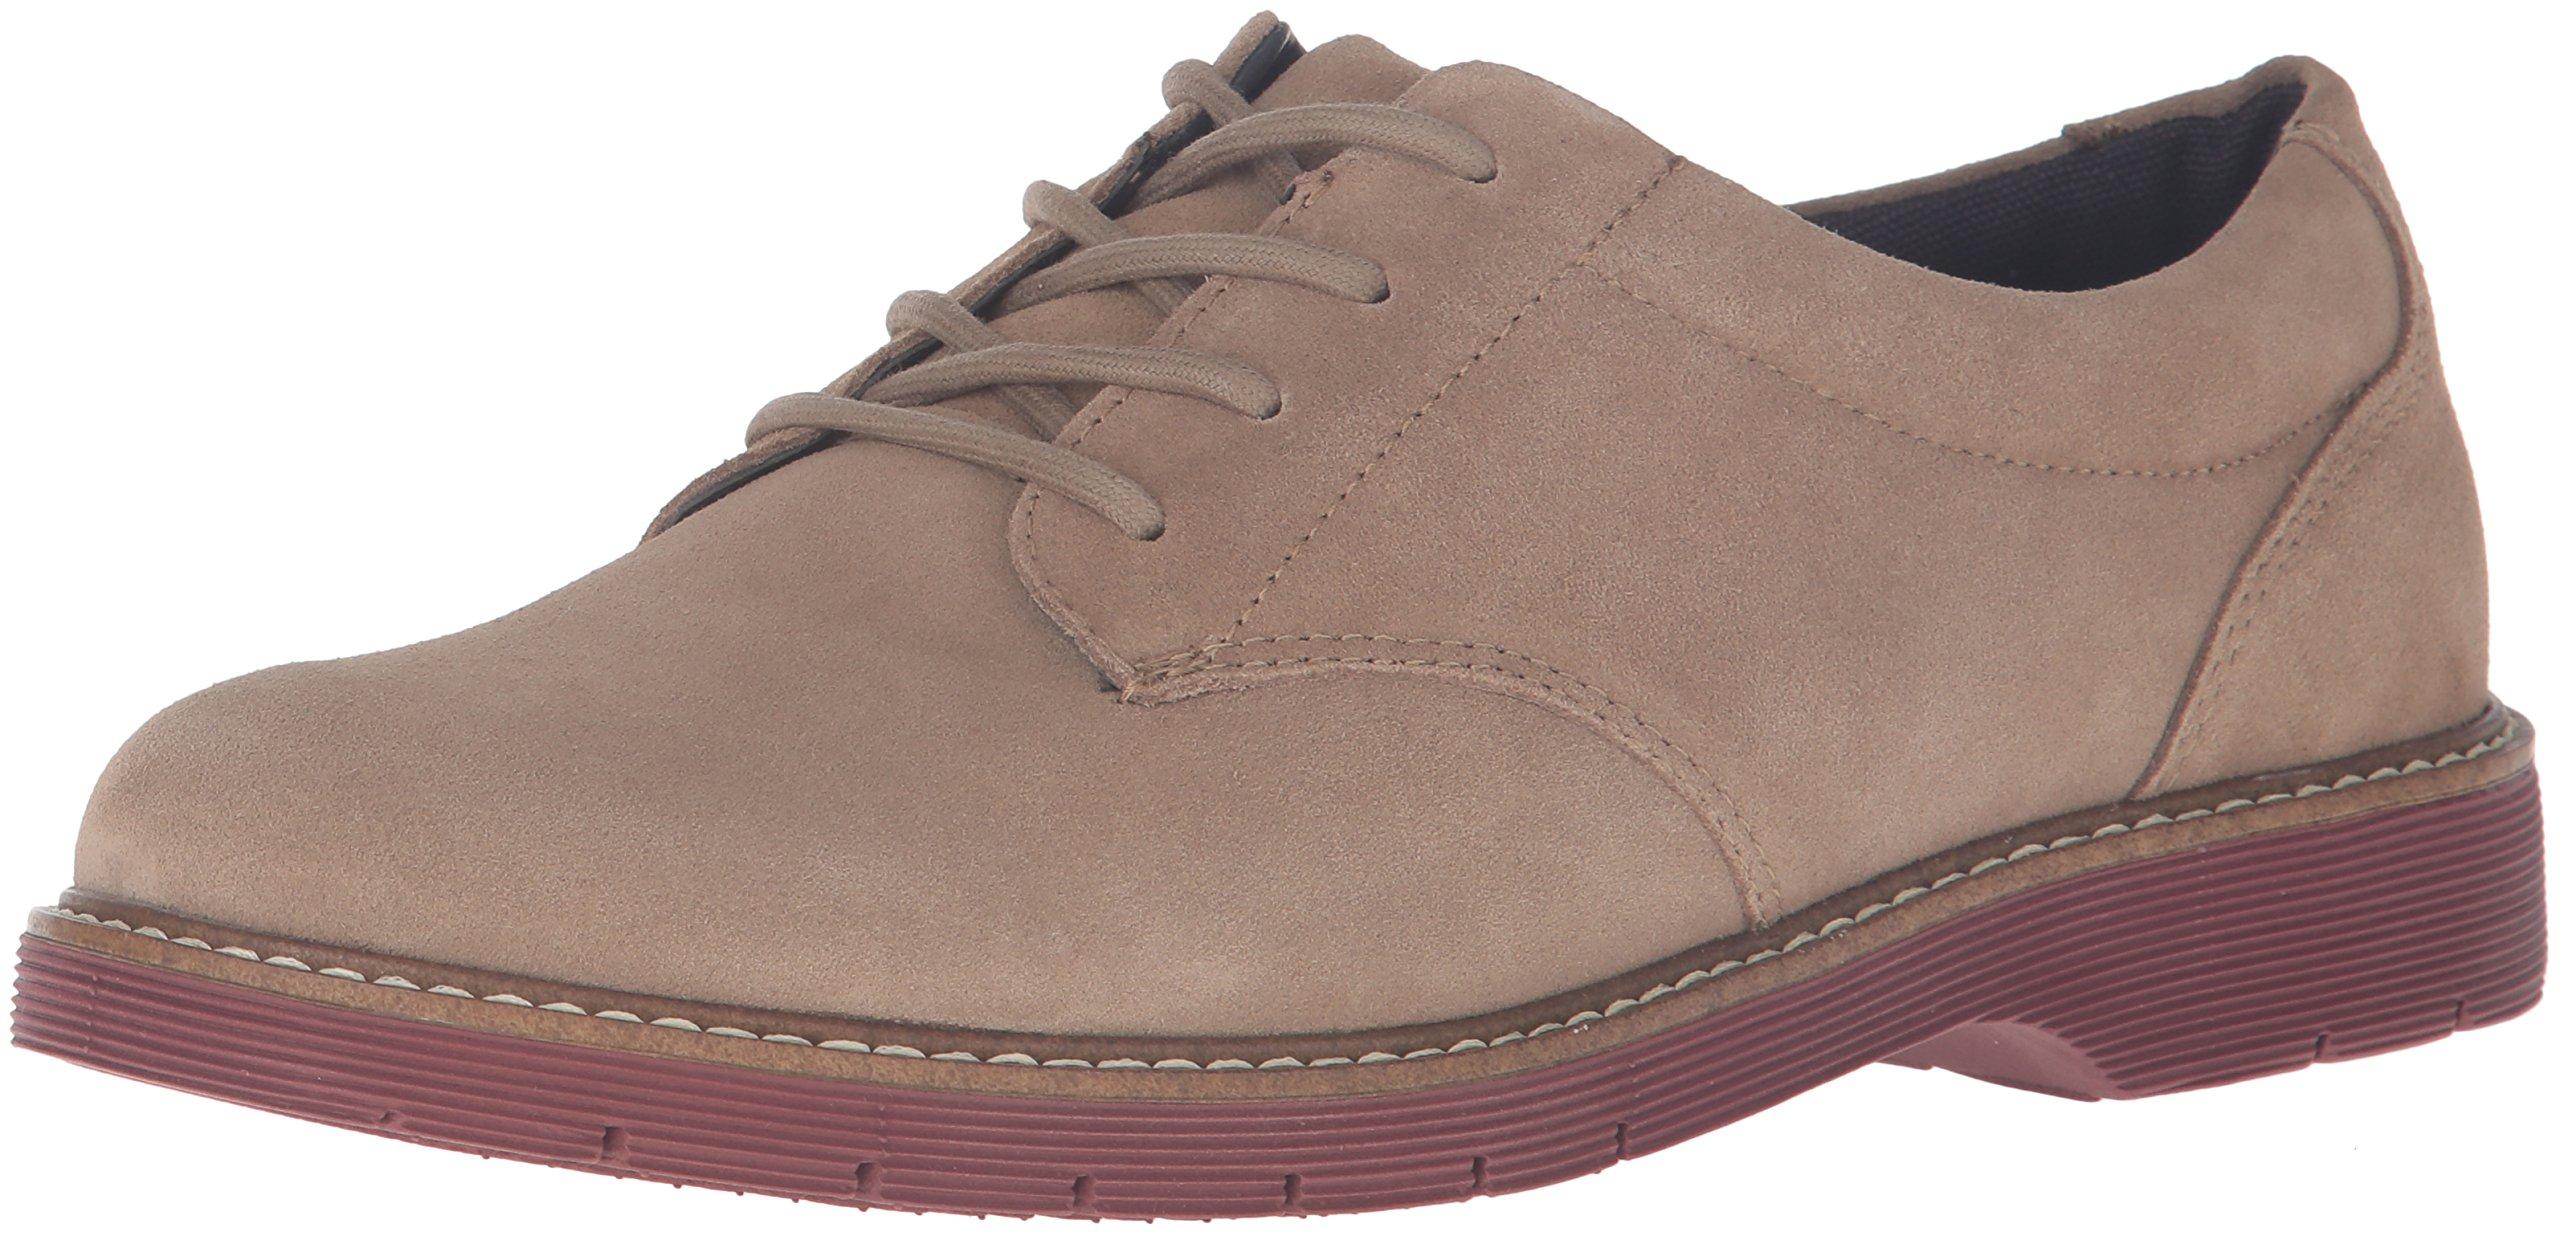 Dr. Scholl's Shoes Men's Razel Oxford, Taupe Suede, 8 M US